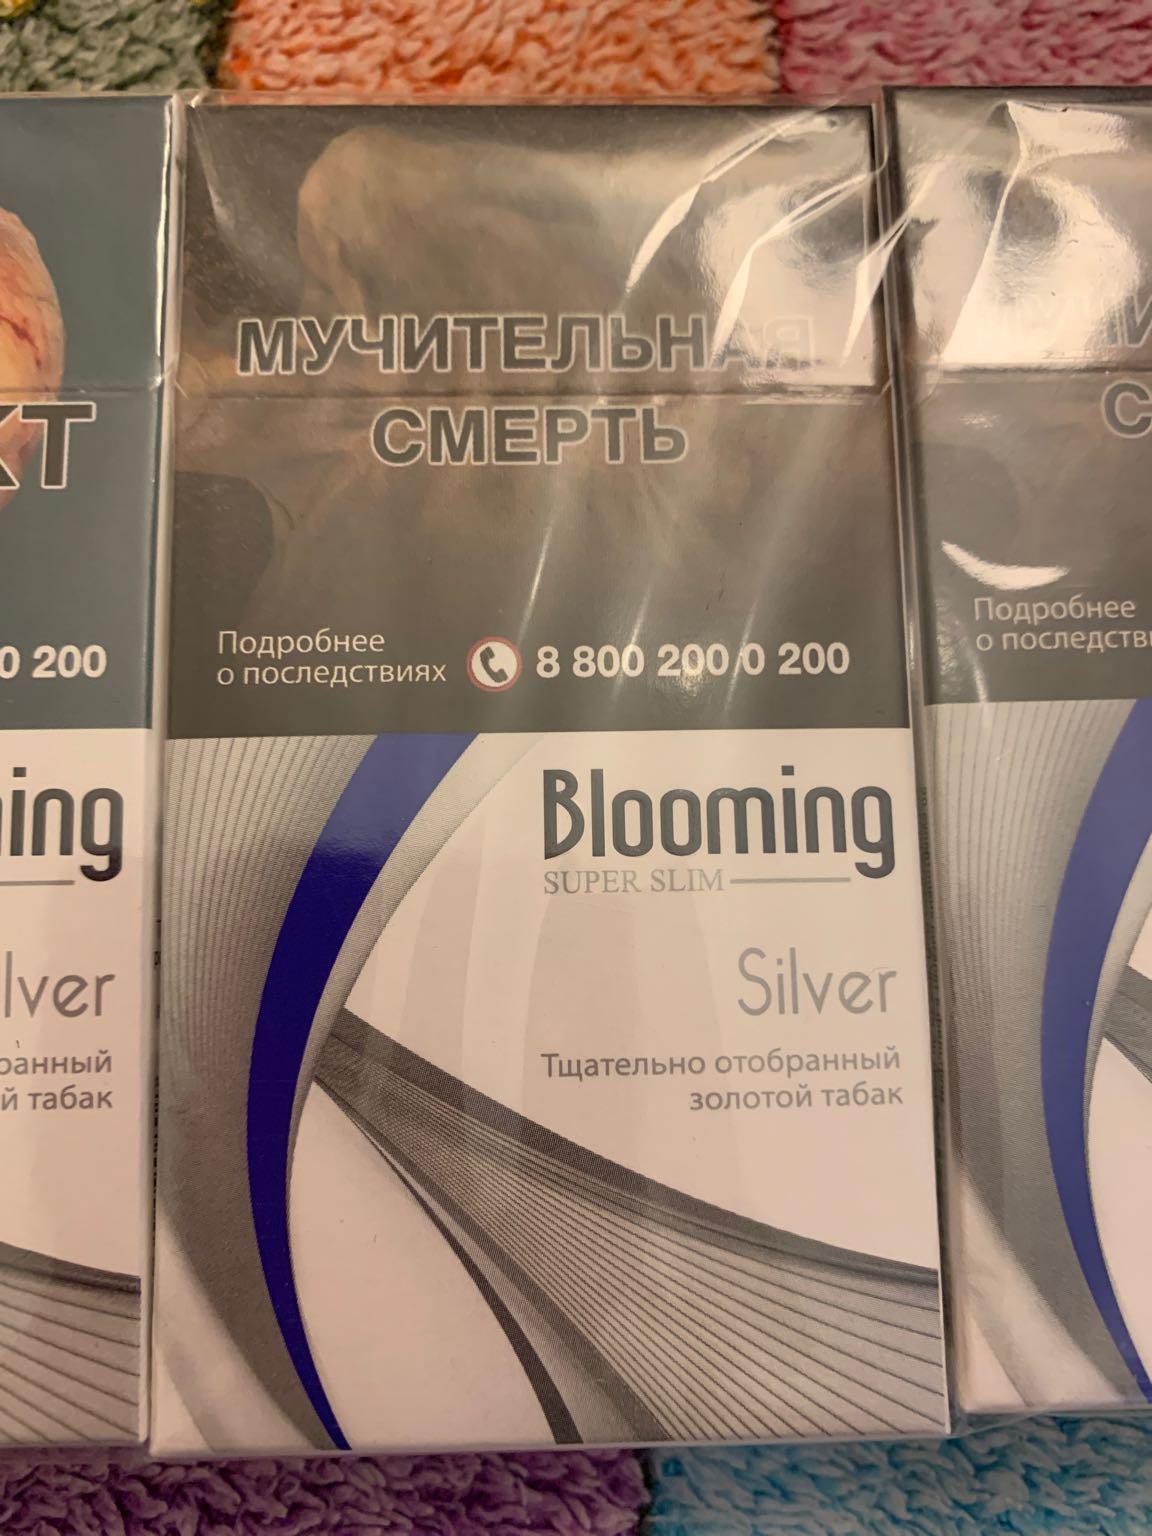 Сигареты blooming silver super slim купить сигареты оптом спб с ценами